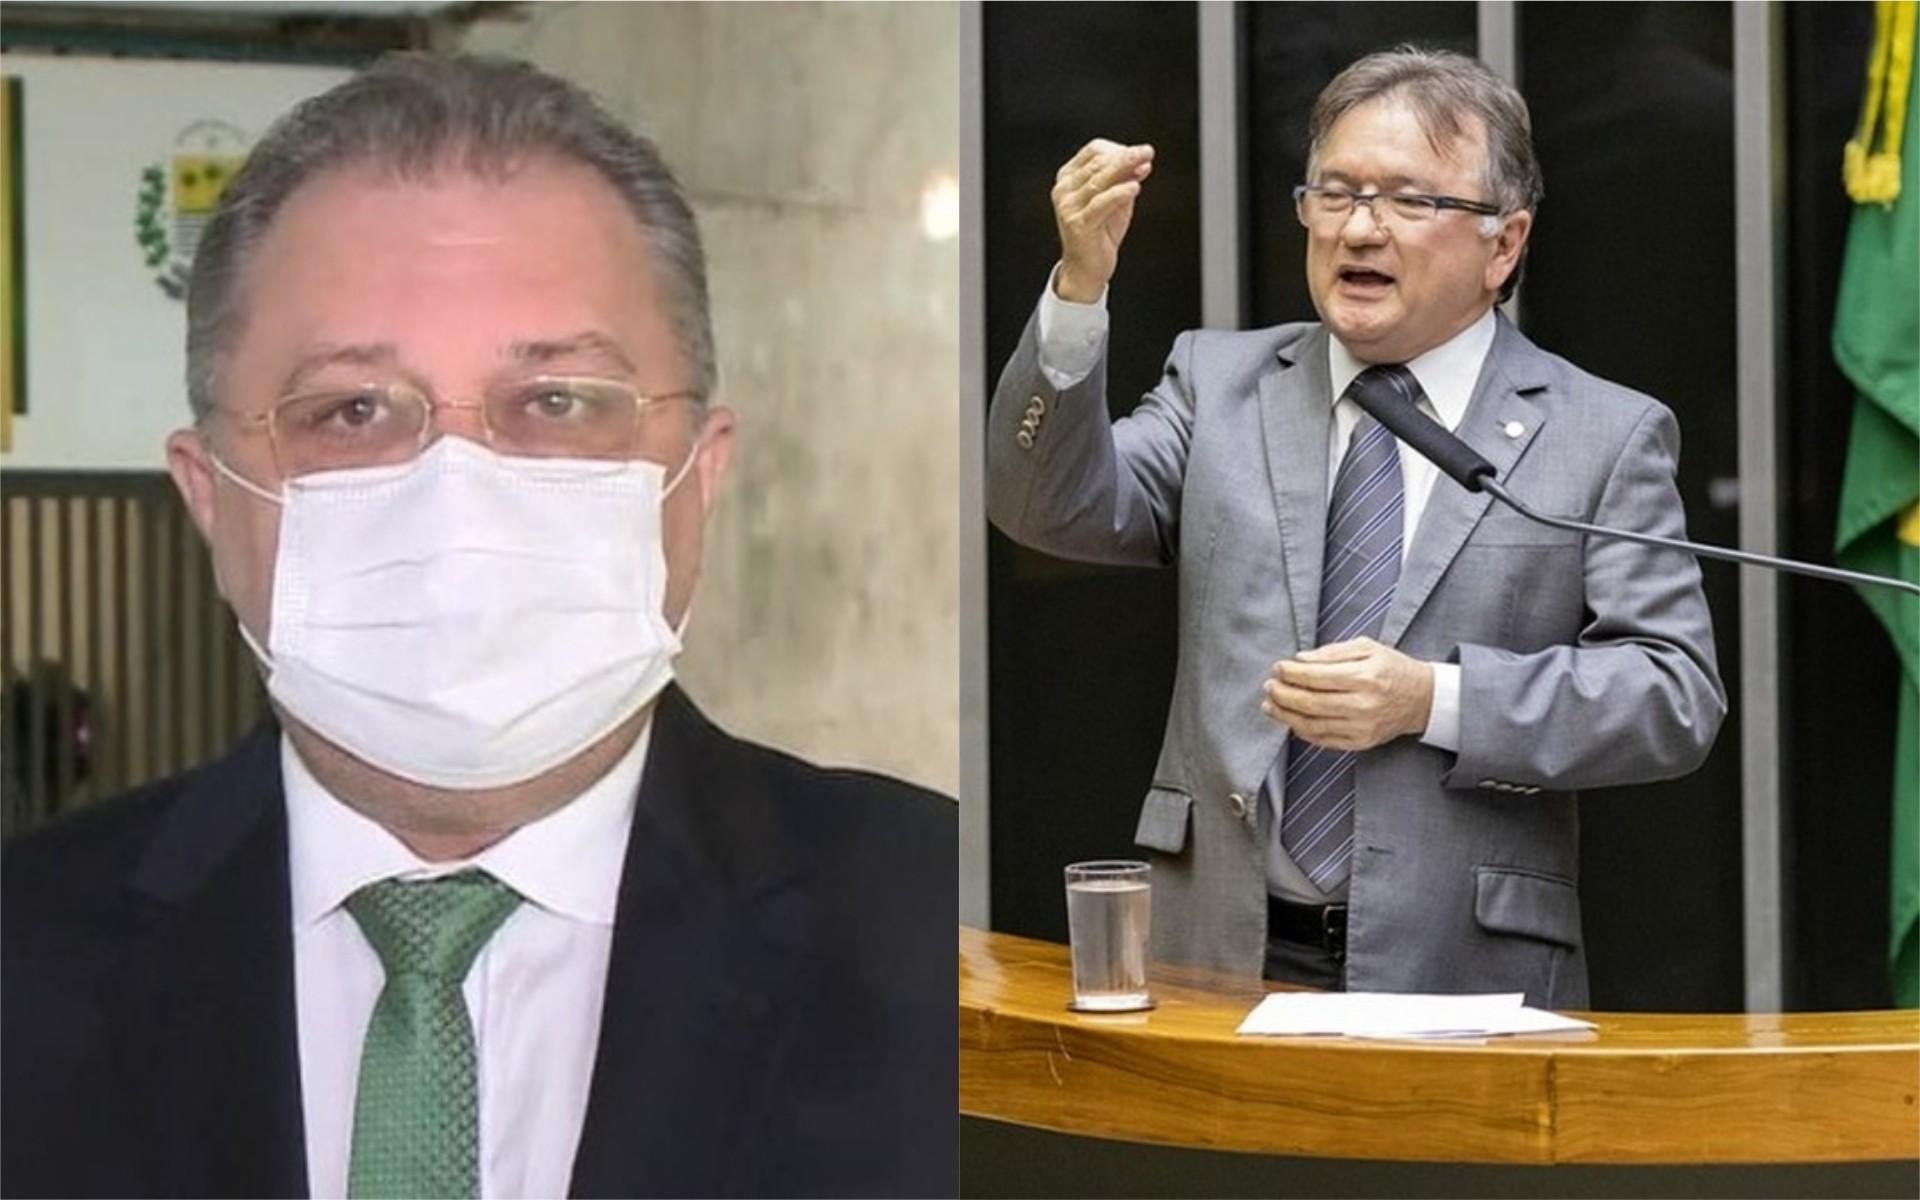 Secretário de saúde e ex-secretário de administração do Piauí são condenados por contratações irregulares